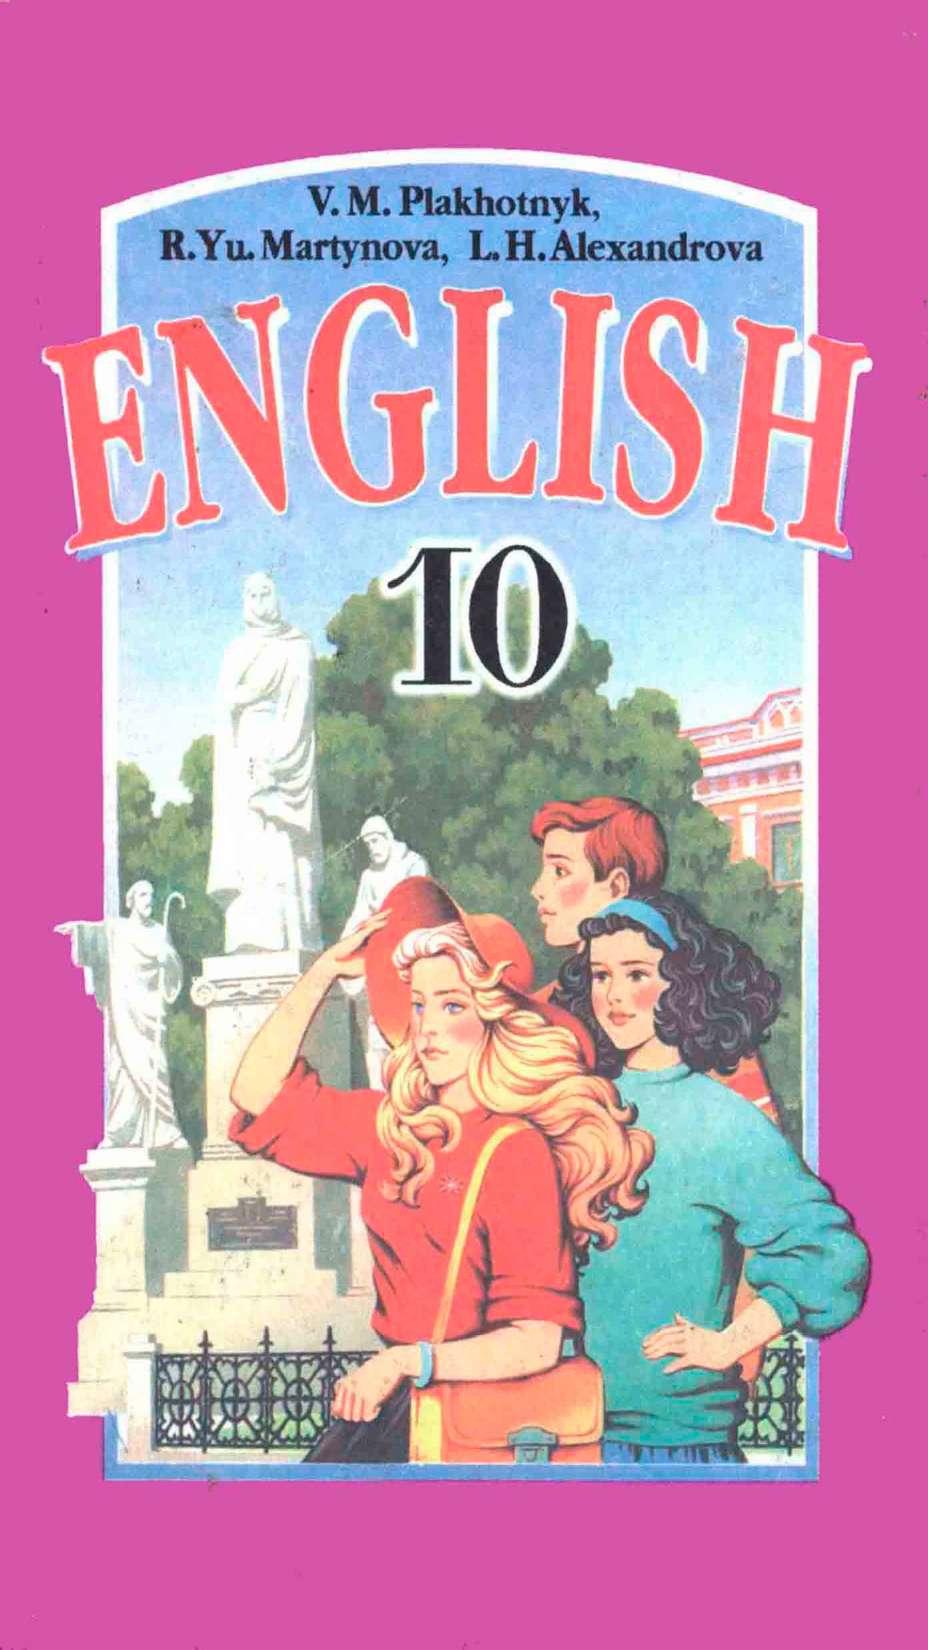 за гдз плахотник по класс языку английскому 10